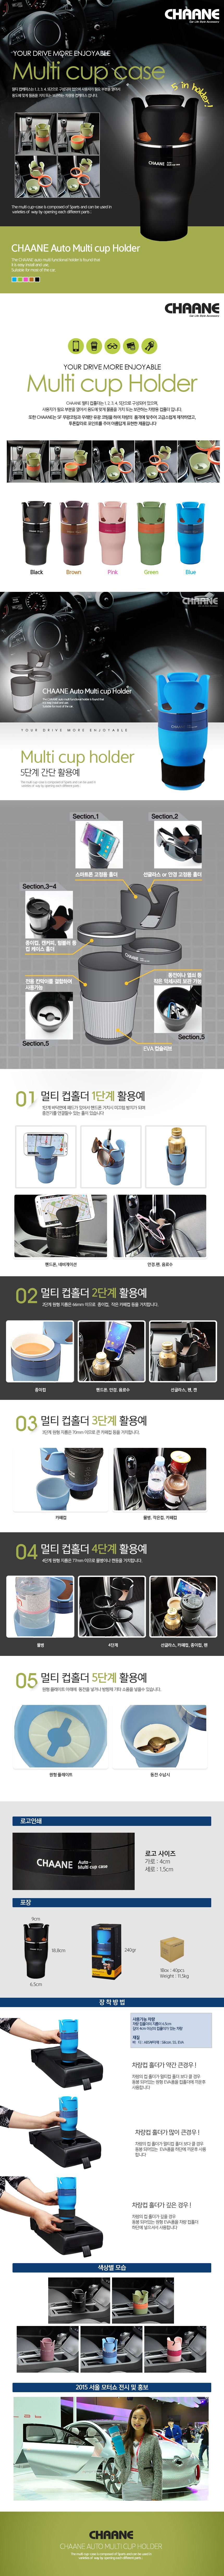 차량용 수납 컵홀더 차아네 5단 멀티 컵홀더 - 진주, 16,500원, 차량용포켓/수납용품, 컵홀더